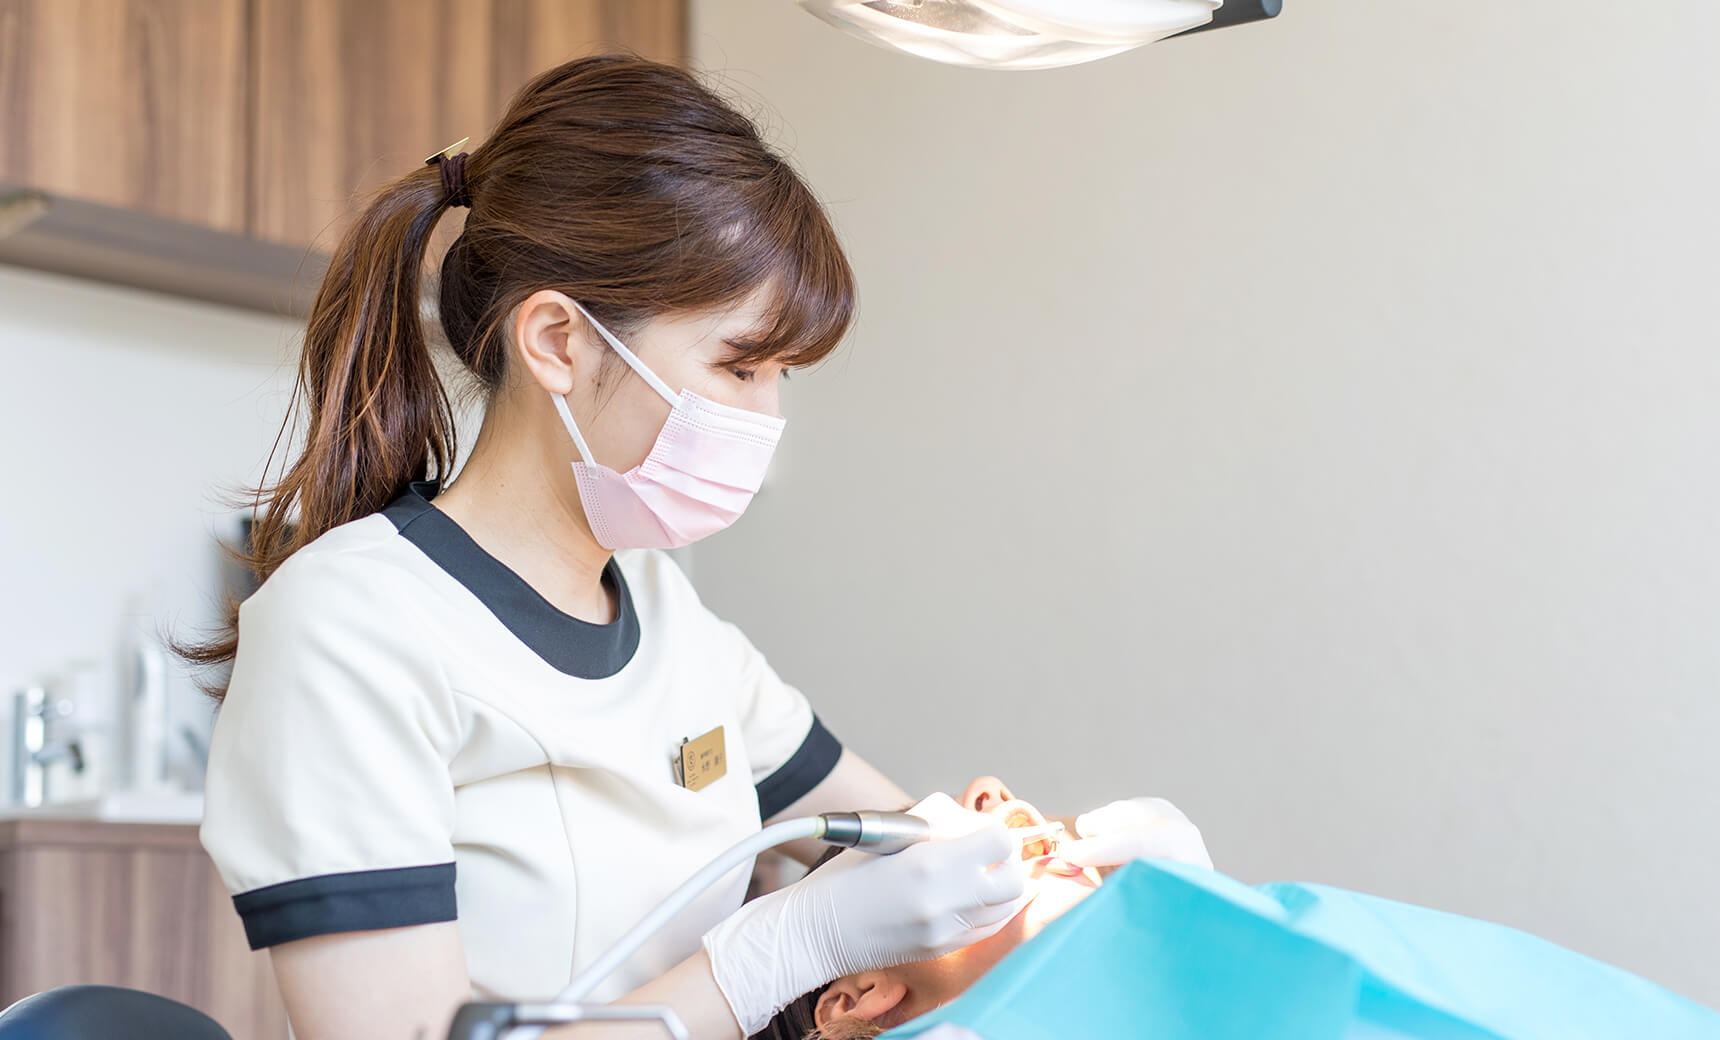 う蝕・歯周病に対する予防治療